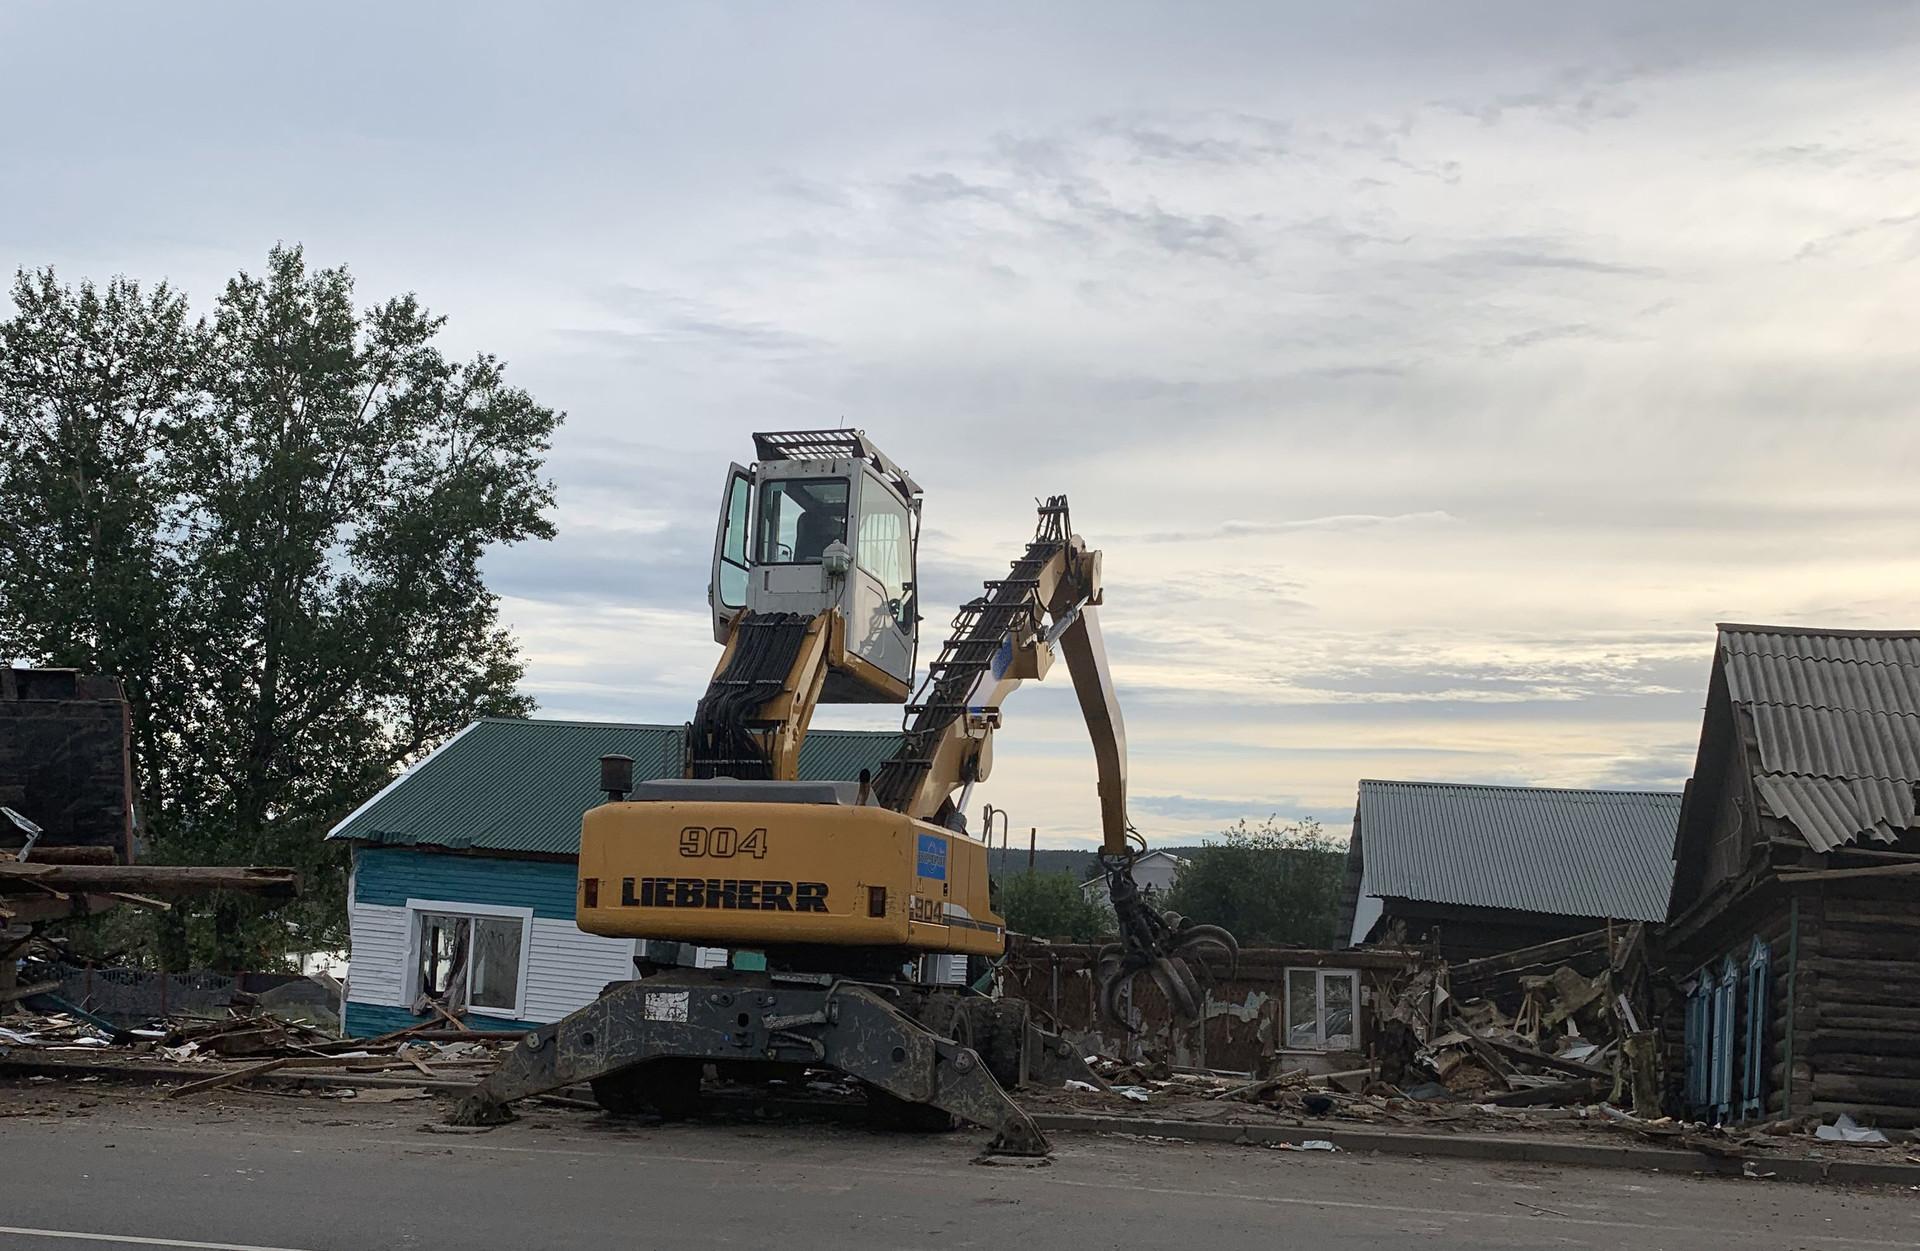 Многие дома в Тулуне были разрушены полностью, все обломки предстоит собрать с помощью техники